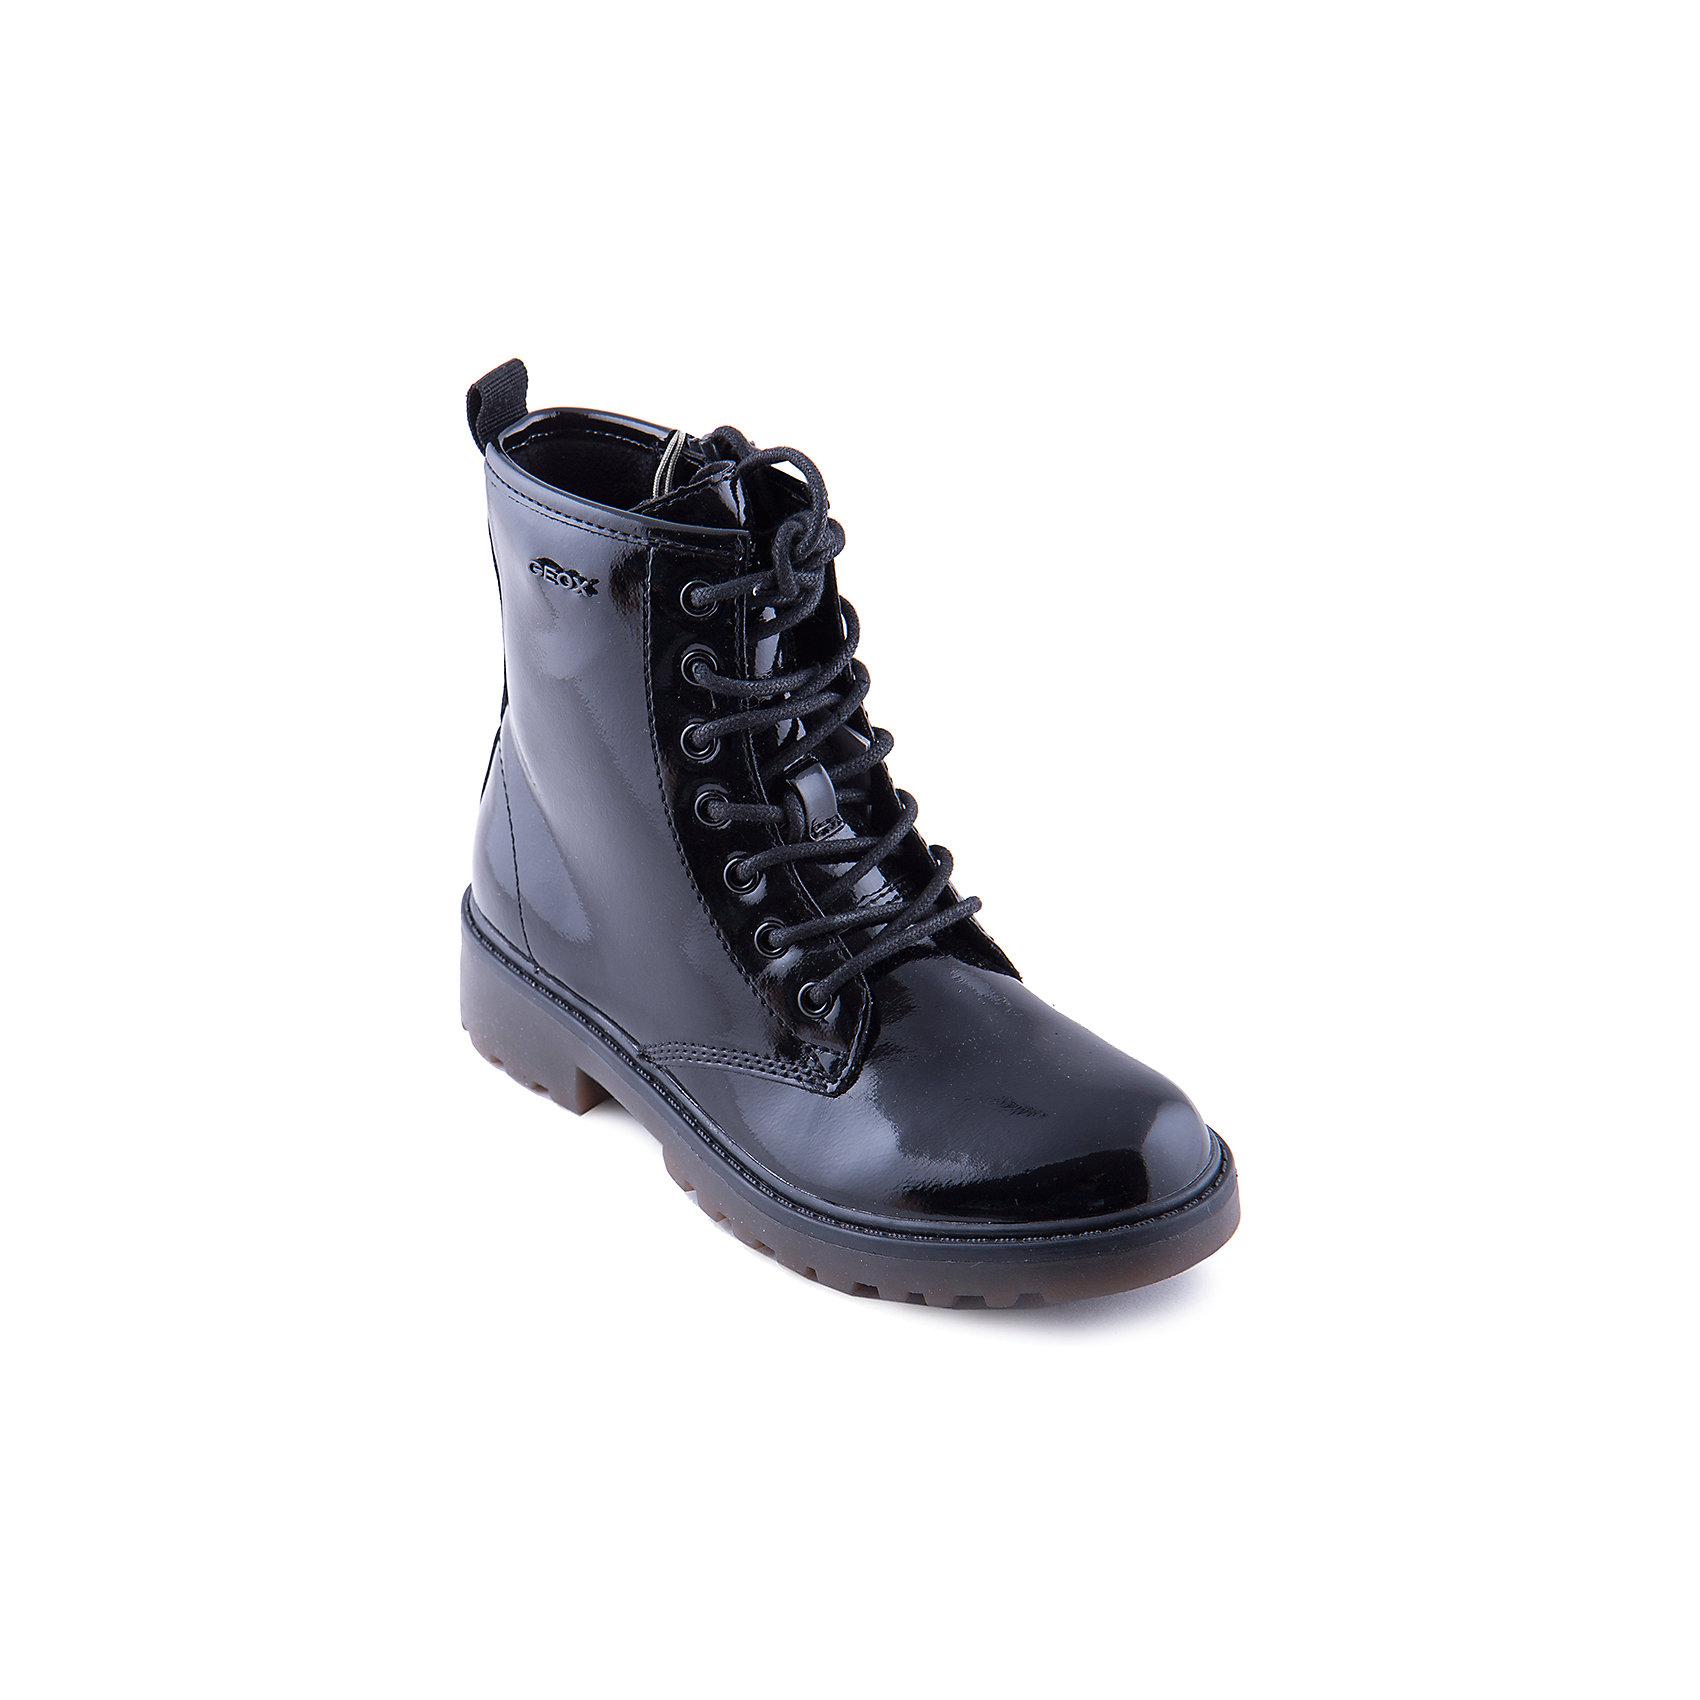 Полусапожки для девочки GEOXПолусапожки для девочки от популярной марки GEOX.<br><br>Черные лаковые полусапожки - стильная и удобная обувь для межсезонья.<br>Производитель обуви GEOX разработал специальную дышащую подошву, которая не пропускает влагу внутрь, а также высокотехнологичную стельку.<br><br>Отличительные особенности модели:<br><br>- цвет: черный;<br>- стильный дизайн;<br>- гибкая водоотталкивающая подошва с дышащей мембраной;<br>- мягкий и легкий верх;<br>- защита пятки и пальцев;<br>- эргономичная форма;<br>- удобная застежка-молния сбоку, шнуровка;<br>- комфортное облегание;<br>- ударопрочная антибактериальная стелька;<br>- верх обуви и подкладка сделаны без использования хрома.<br><br>Дополнительная информация:<br><br>- Температурный режим: от +5° С  до 20° С.<br><br>- Состав:<br><br>материал верха: экокожа<br>материал подкладки: байка<br>подошва: полимер<br>Полусапожки для девочки GEOX (Геокс) можно купить в нашем магазине.<br><br>Ширина мм: 257<br>Глубина мм: 180<br>Высота мм: 130<br>Вес г: 420<br>Цвет: черный<br>Возраст от месяцев: 84<br>Возраст до месяцев: 96<br>Пол: Женский<br>Возраст: Детский<br>Размер: 31,32,33,34,35,36,37,39,38<br>SKU: 4178579